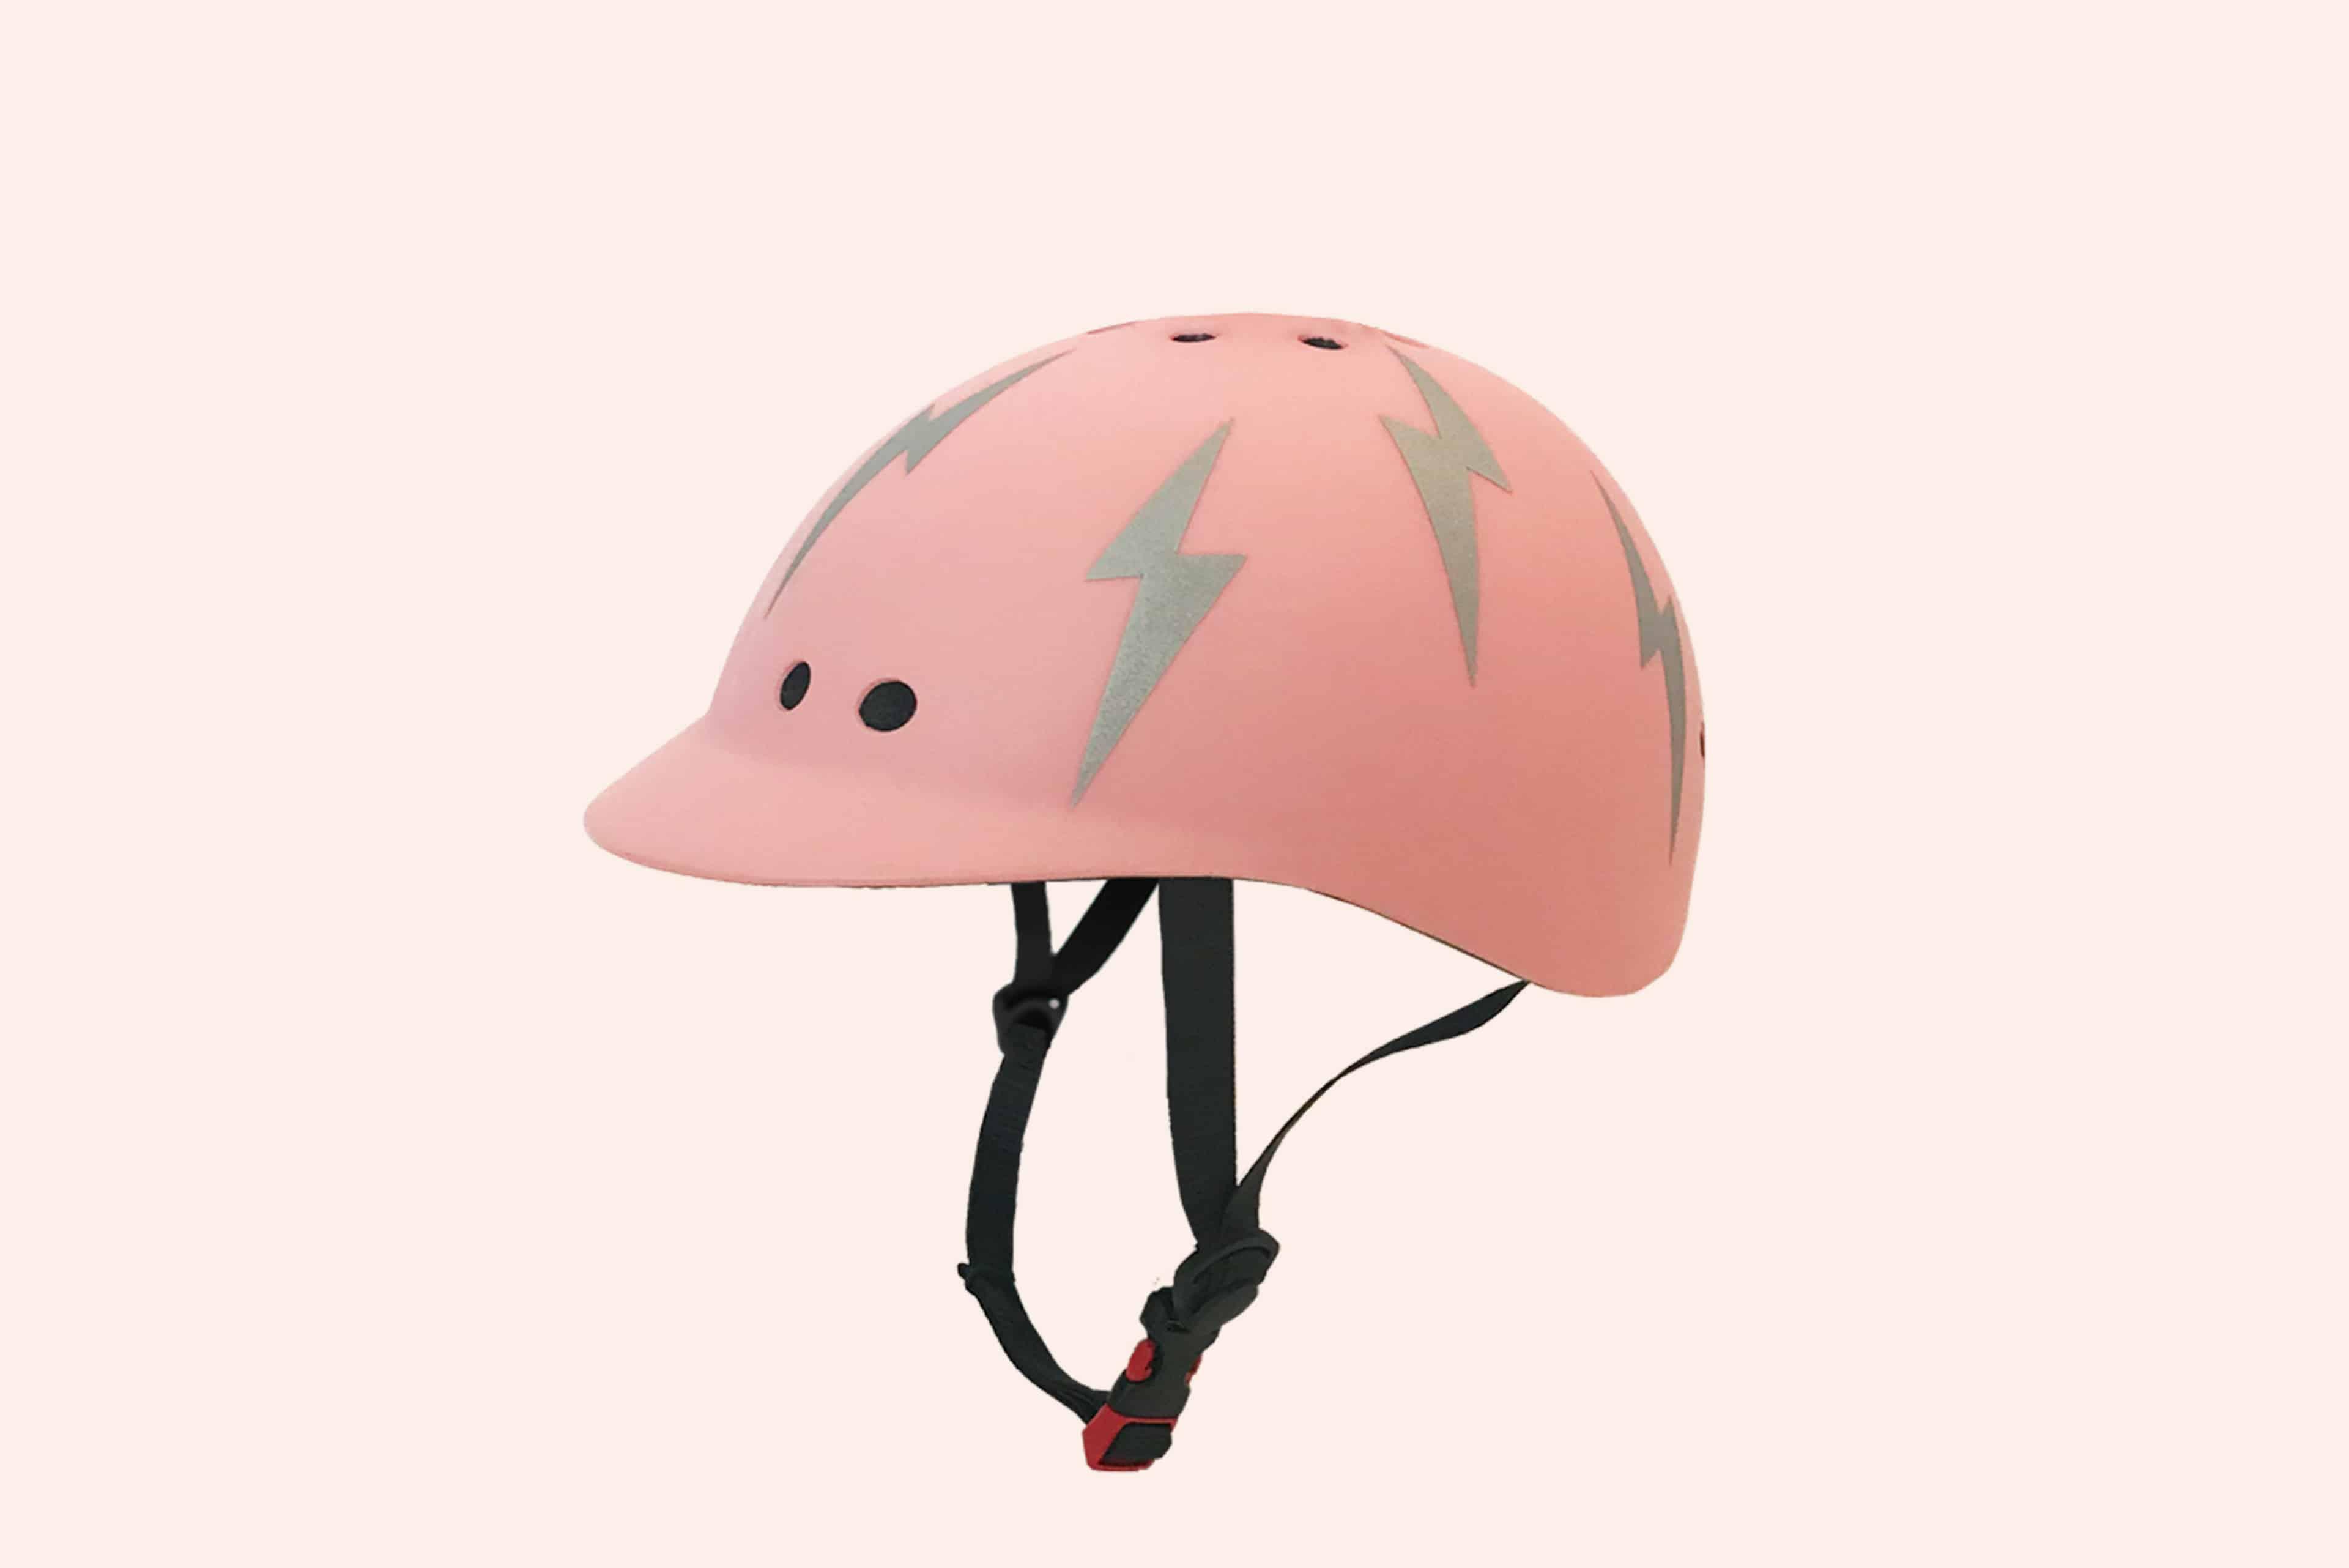 おしゃれなキッズ用ヘルメットSAWAKO tokyobike